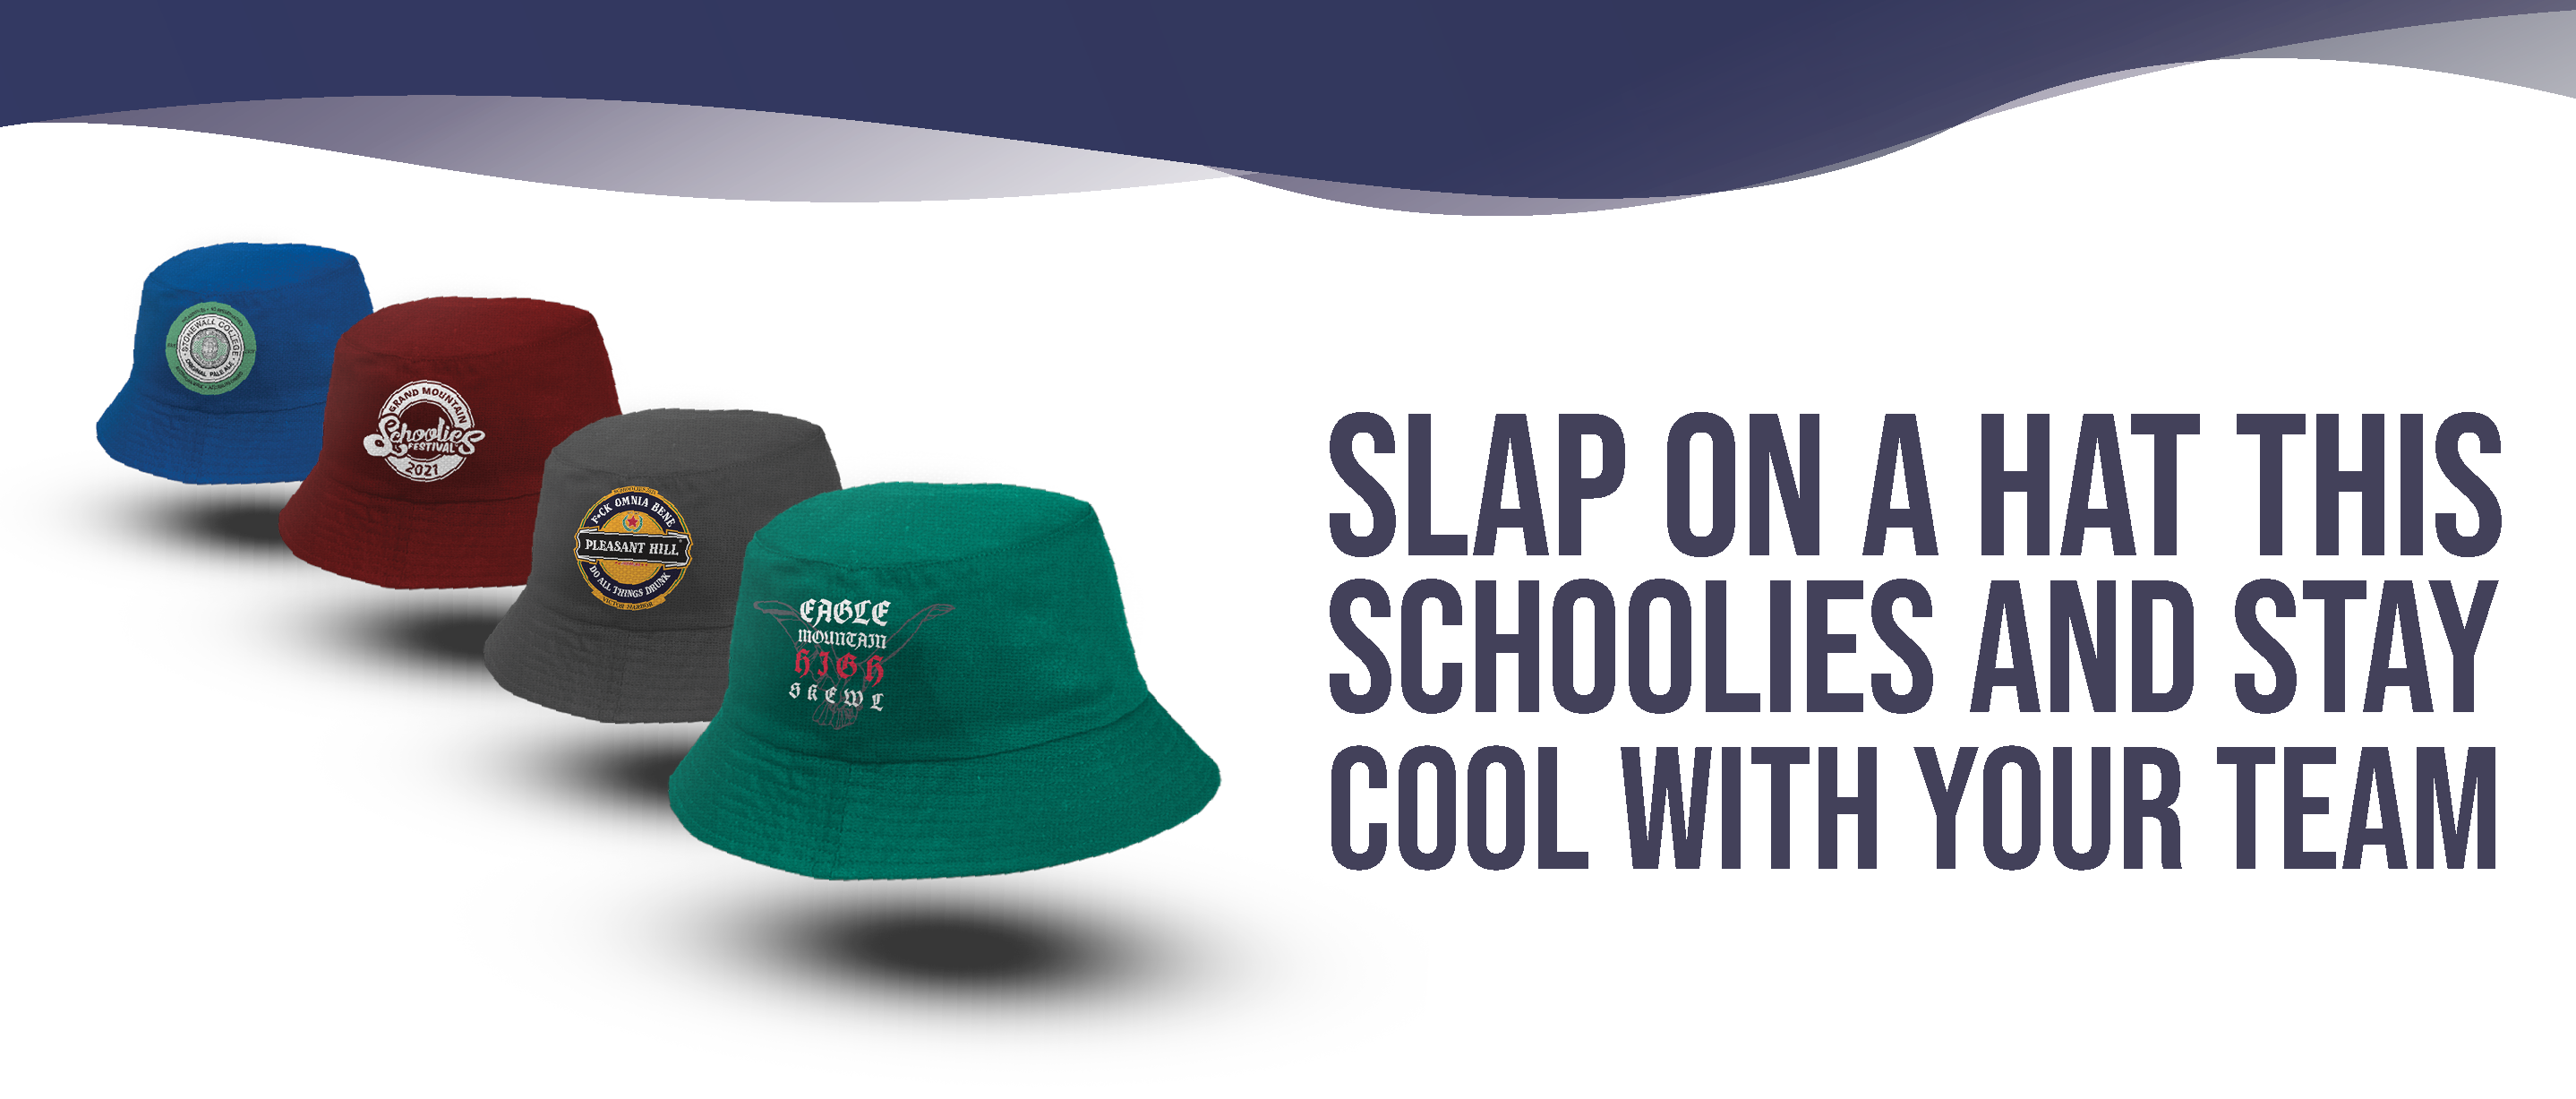 schoolies_bucket_hat_banner